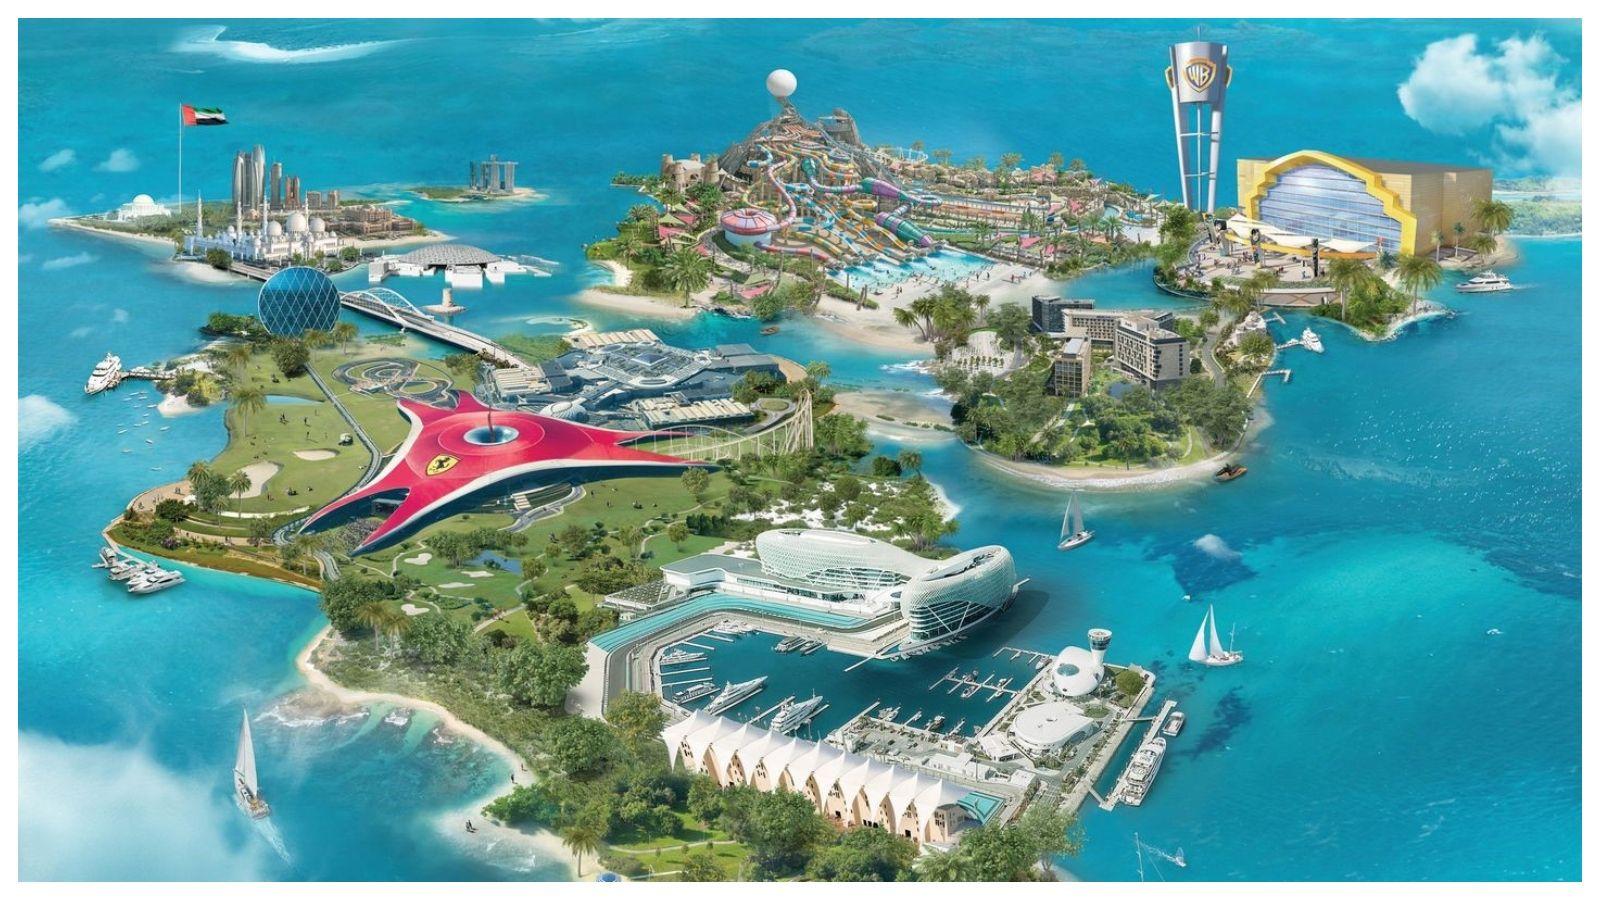 جزيرة ياس بأبوظبي تستعرض أهم خمس أنشطة خارجية خلال موسم الشتاء In 2021 Abu Dhabi Travel And Tourism Safe Travel